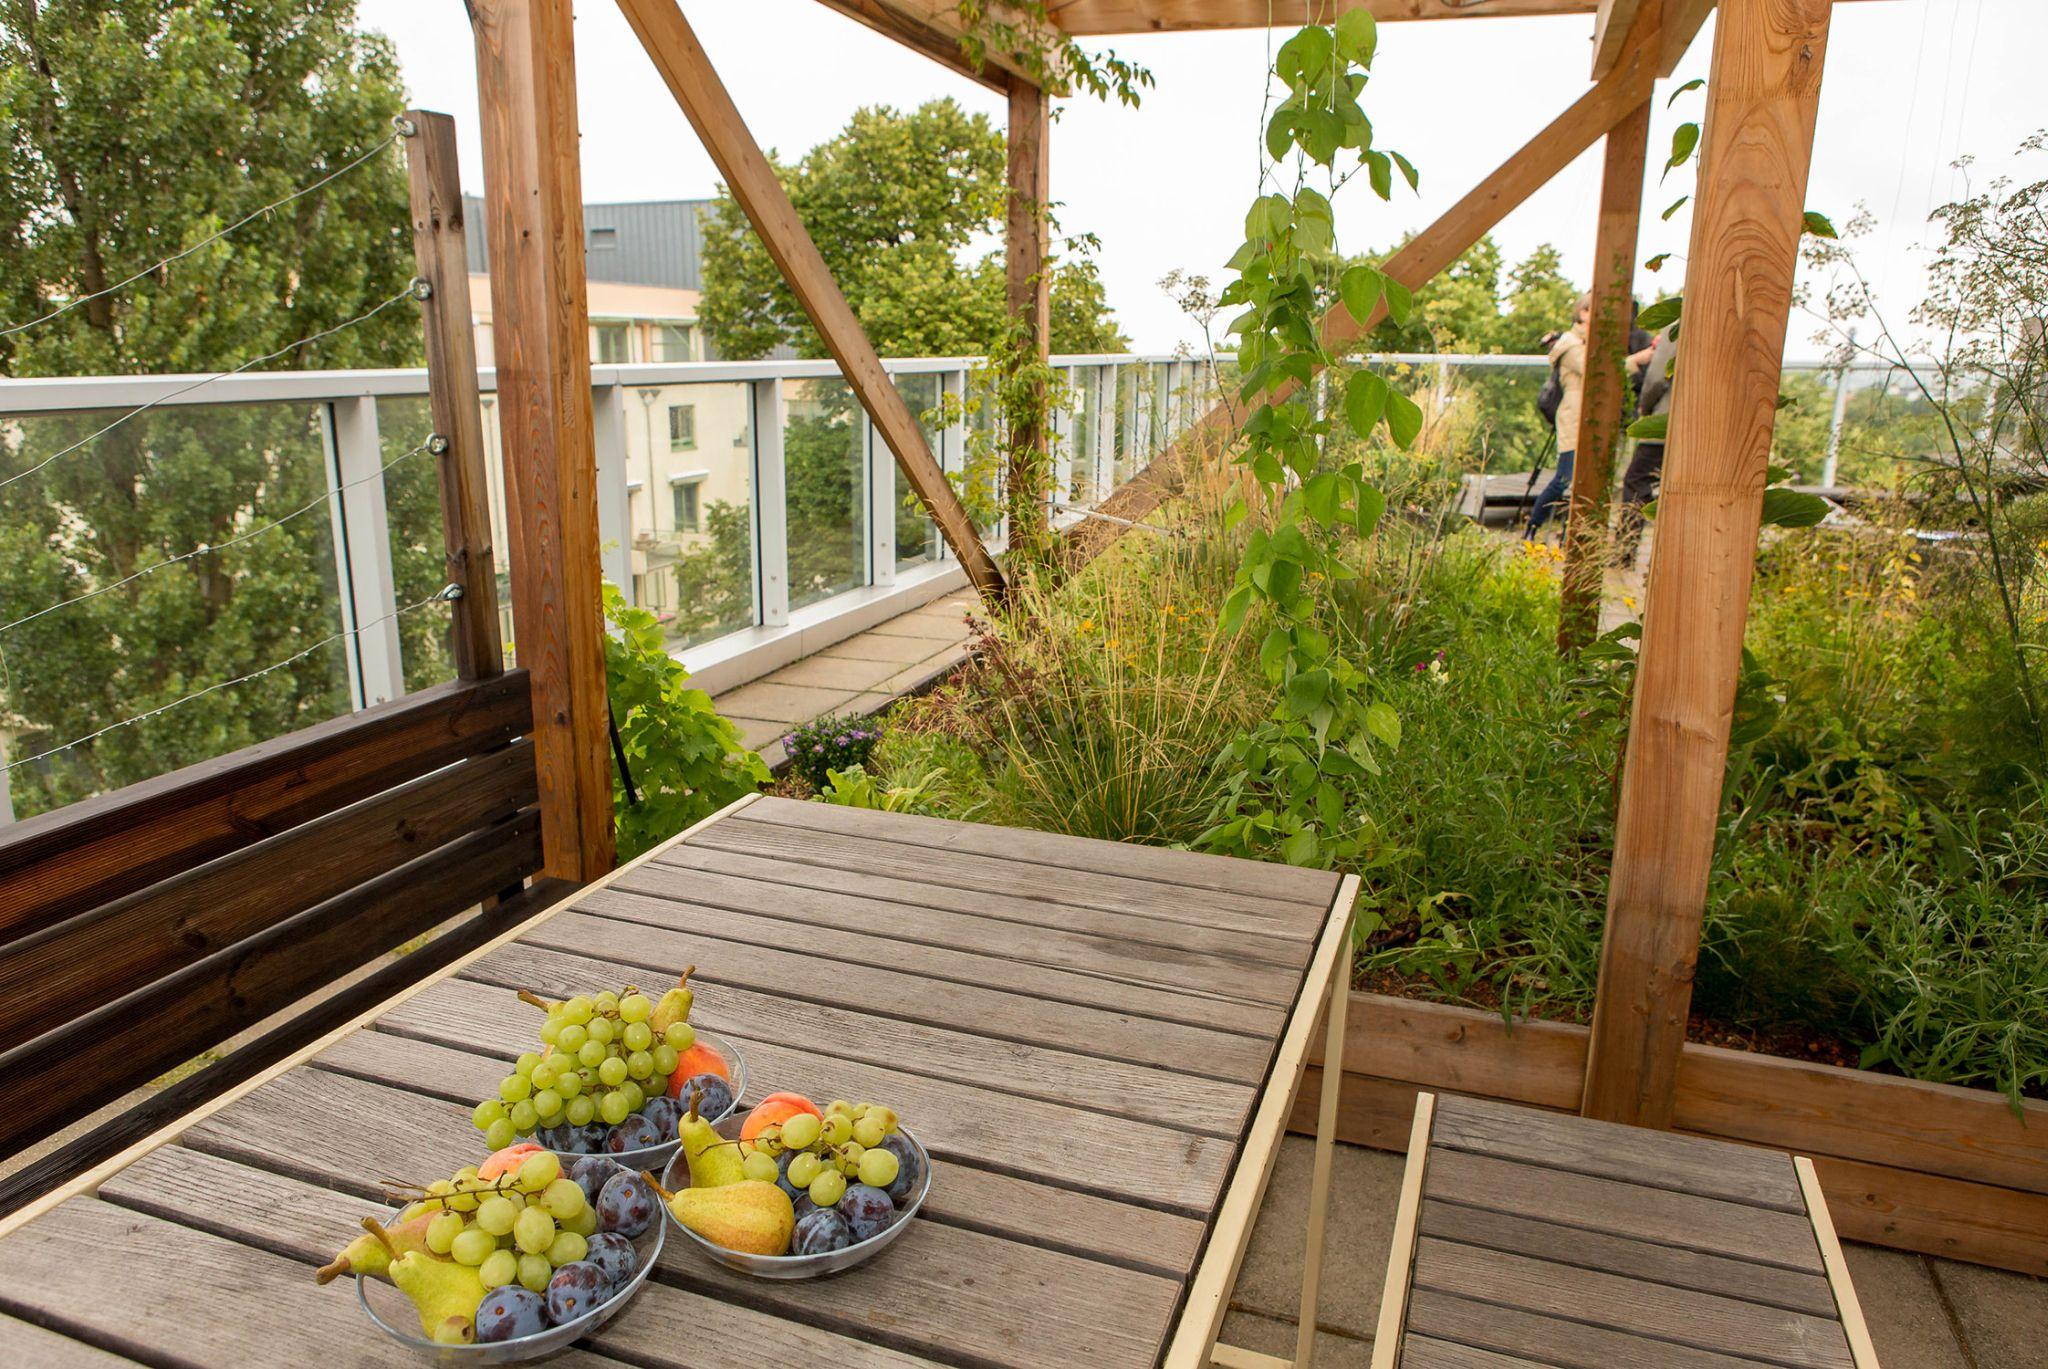 Neuer Photovoltaik-Dachgarten nutzt Gebäudedächer dreifach: Freiraum + Grünraum + PV-Strom Copyright: Houdek / PID